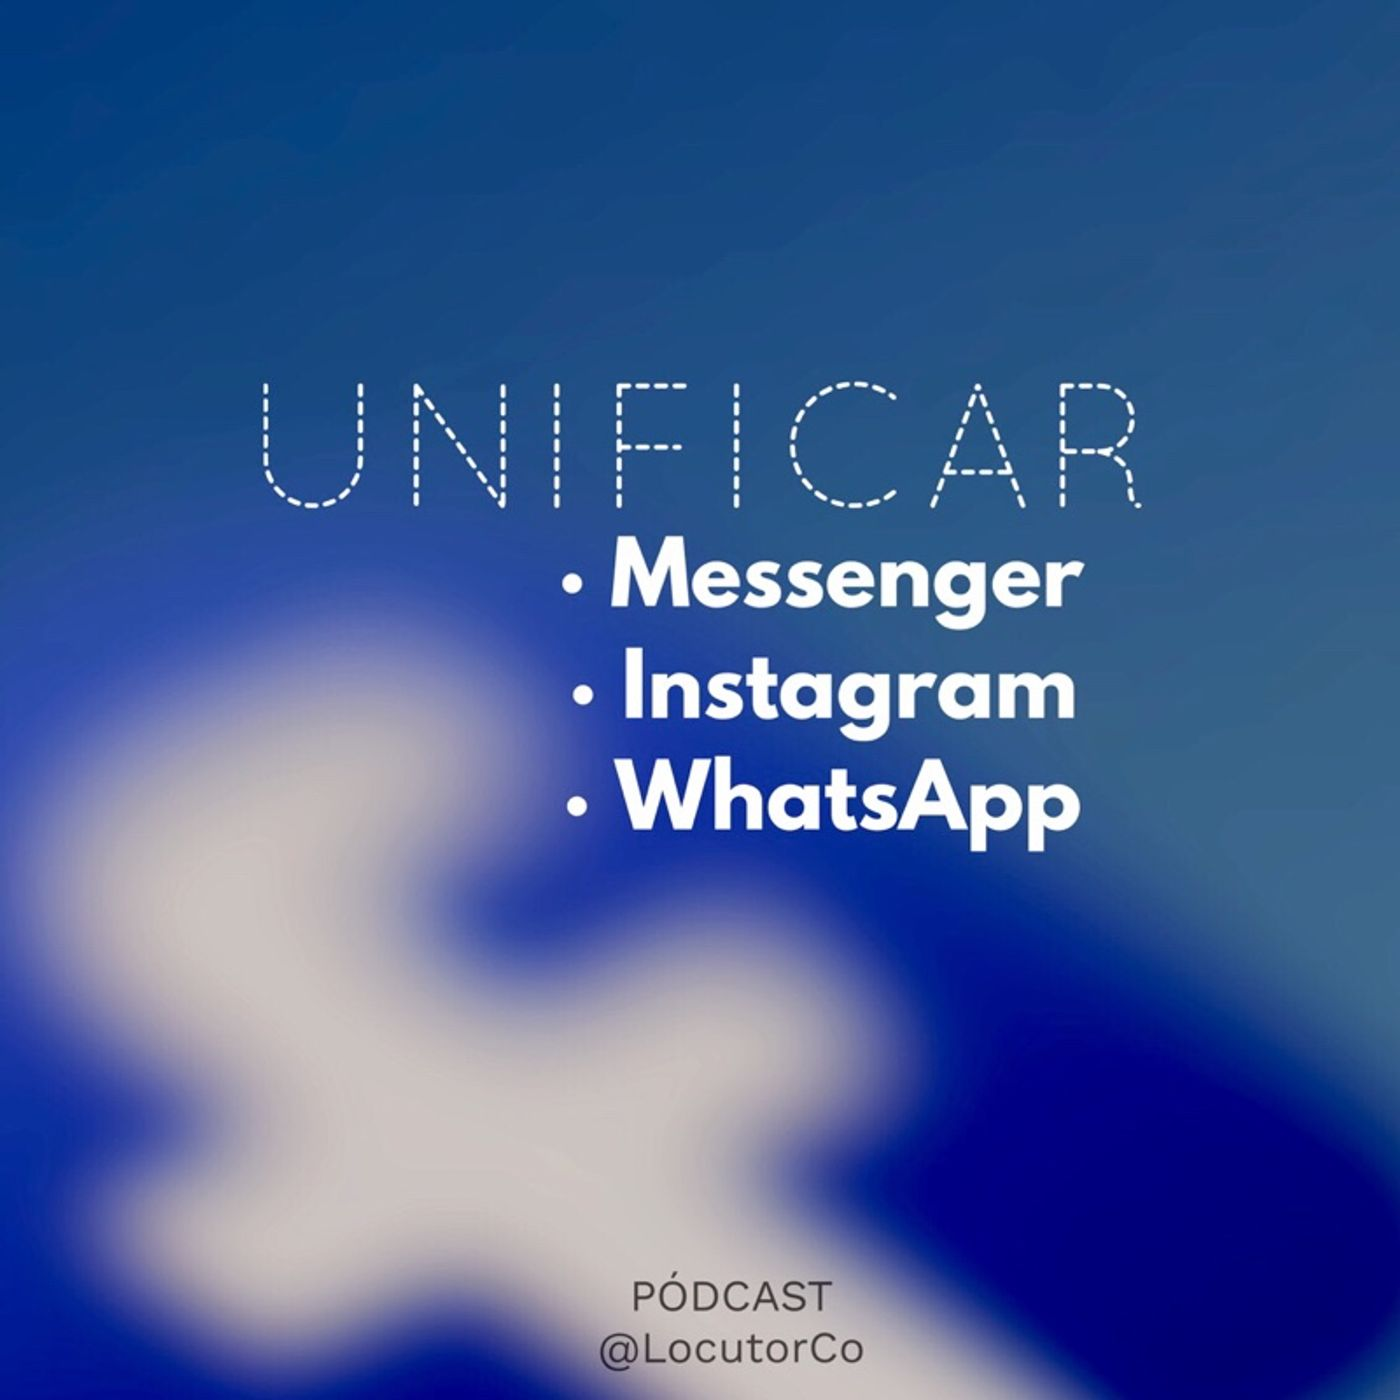 Unificación de Facebook, Instagram y WhatsApp: Lo bueno, lo malo y lo peligroso